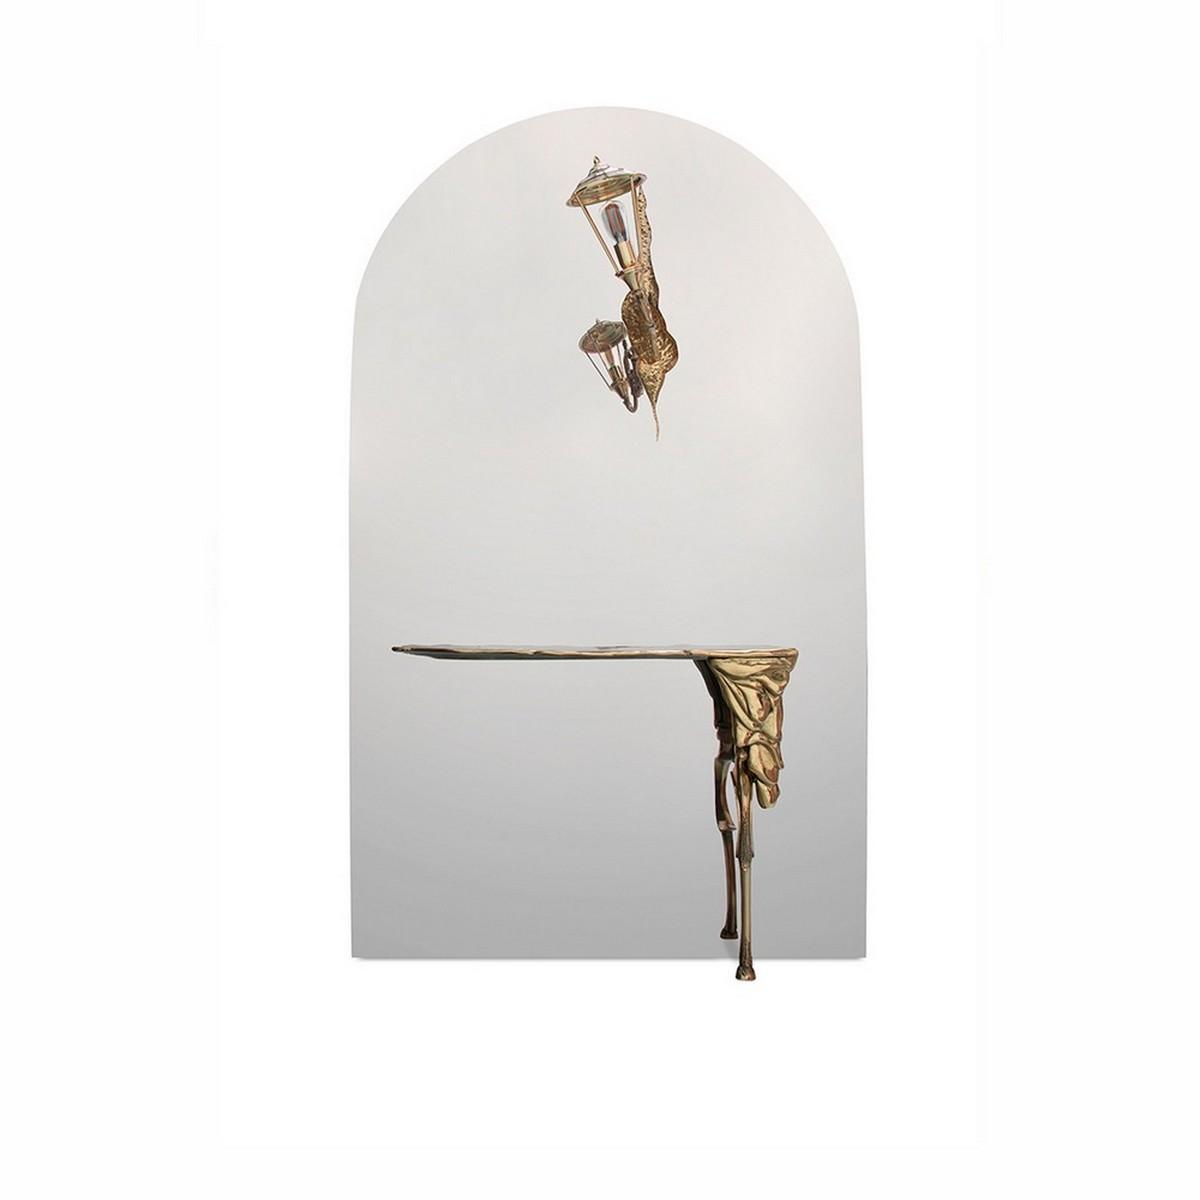 [object object] Diseño de Espejos para un proyecto contemporaneo y lujuoso de Comedor lumiere console boca do lobo 01 1 1